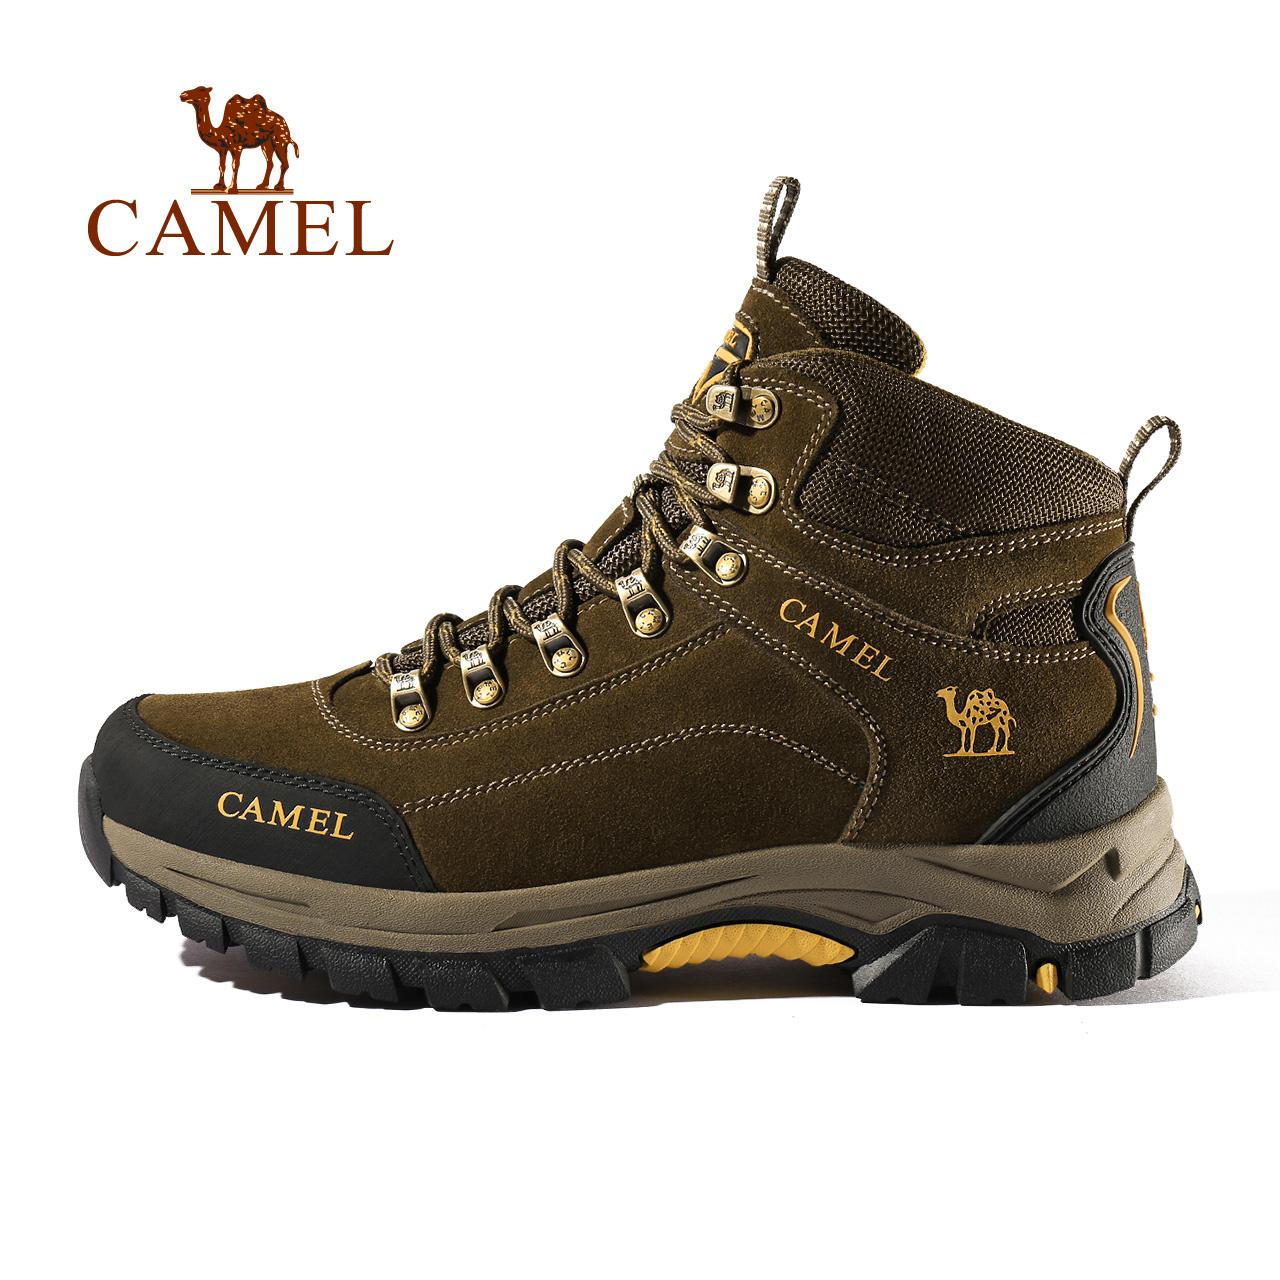 骆驼登山鞋男女防水防滑耐磨夏季旅游运动高帮登山靴徒步户外鞋履